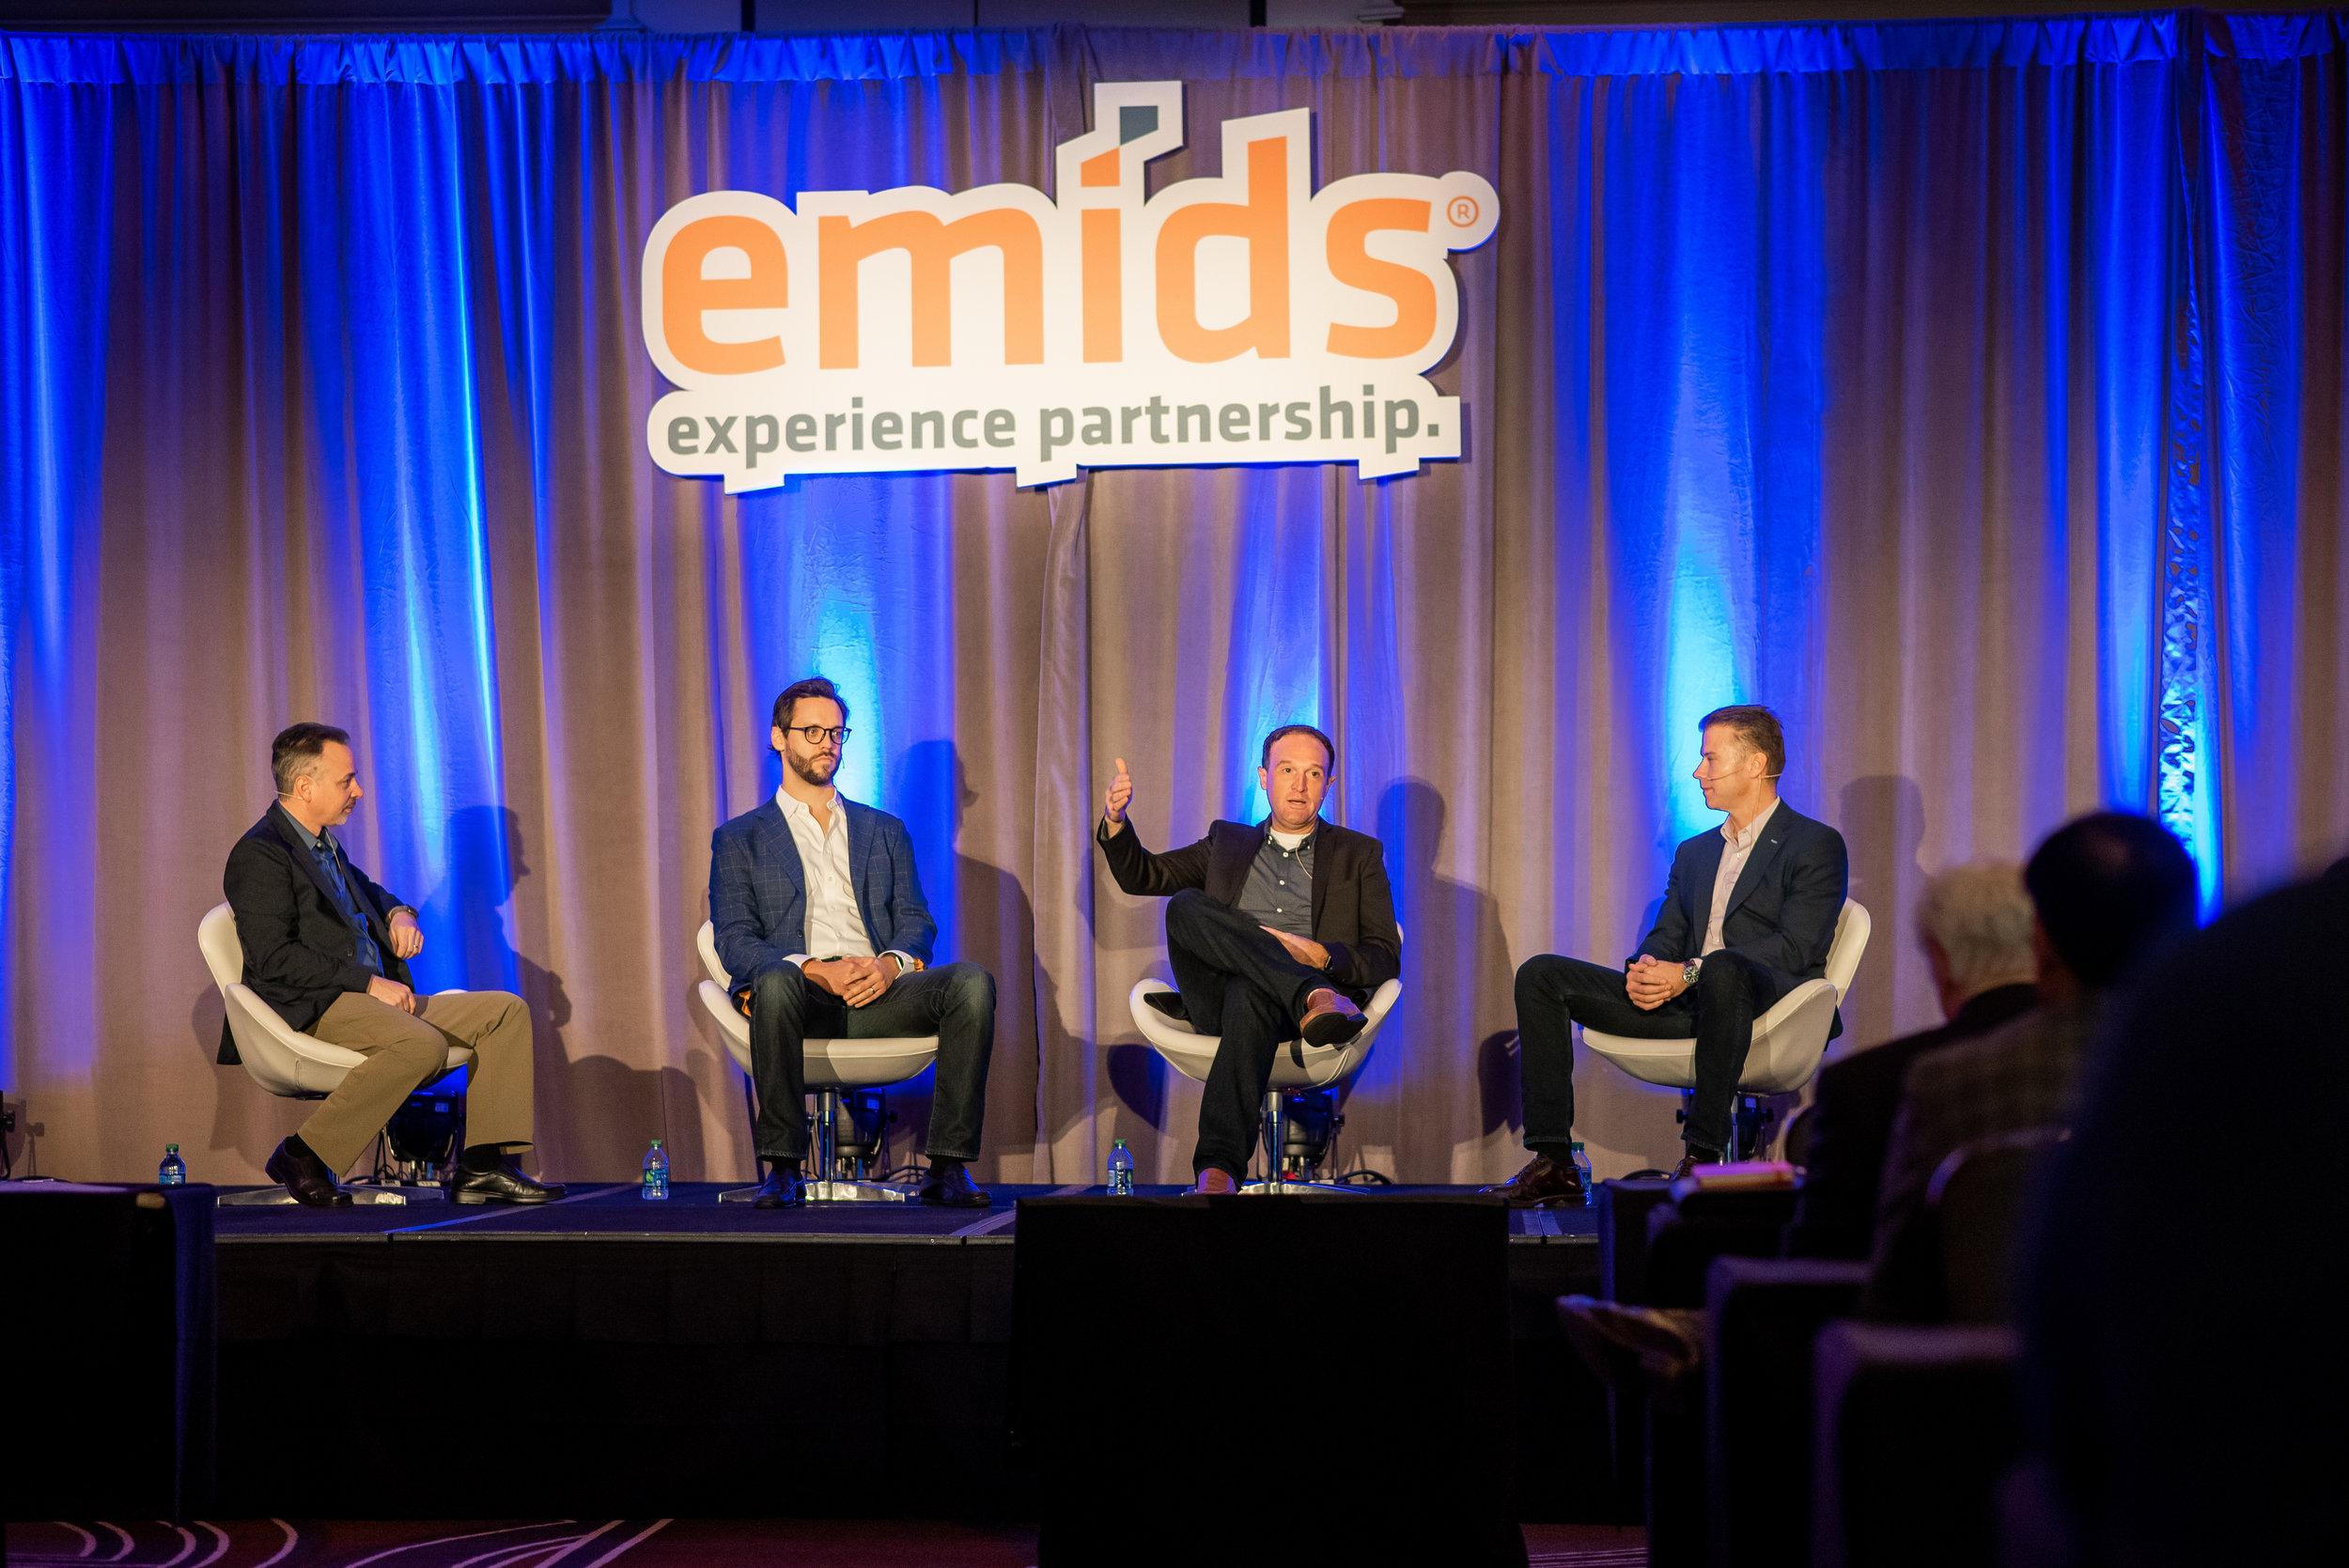 DetailsNashville-EMIDS-Summit18-134.jpg